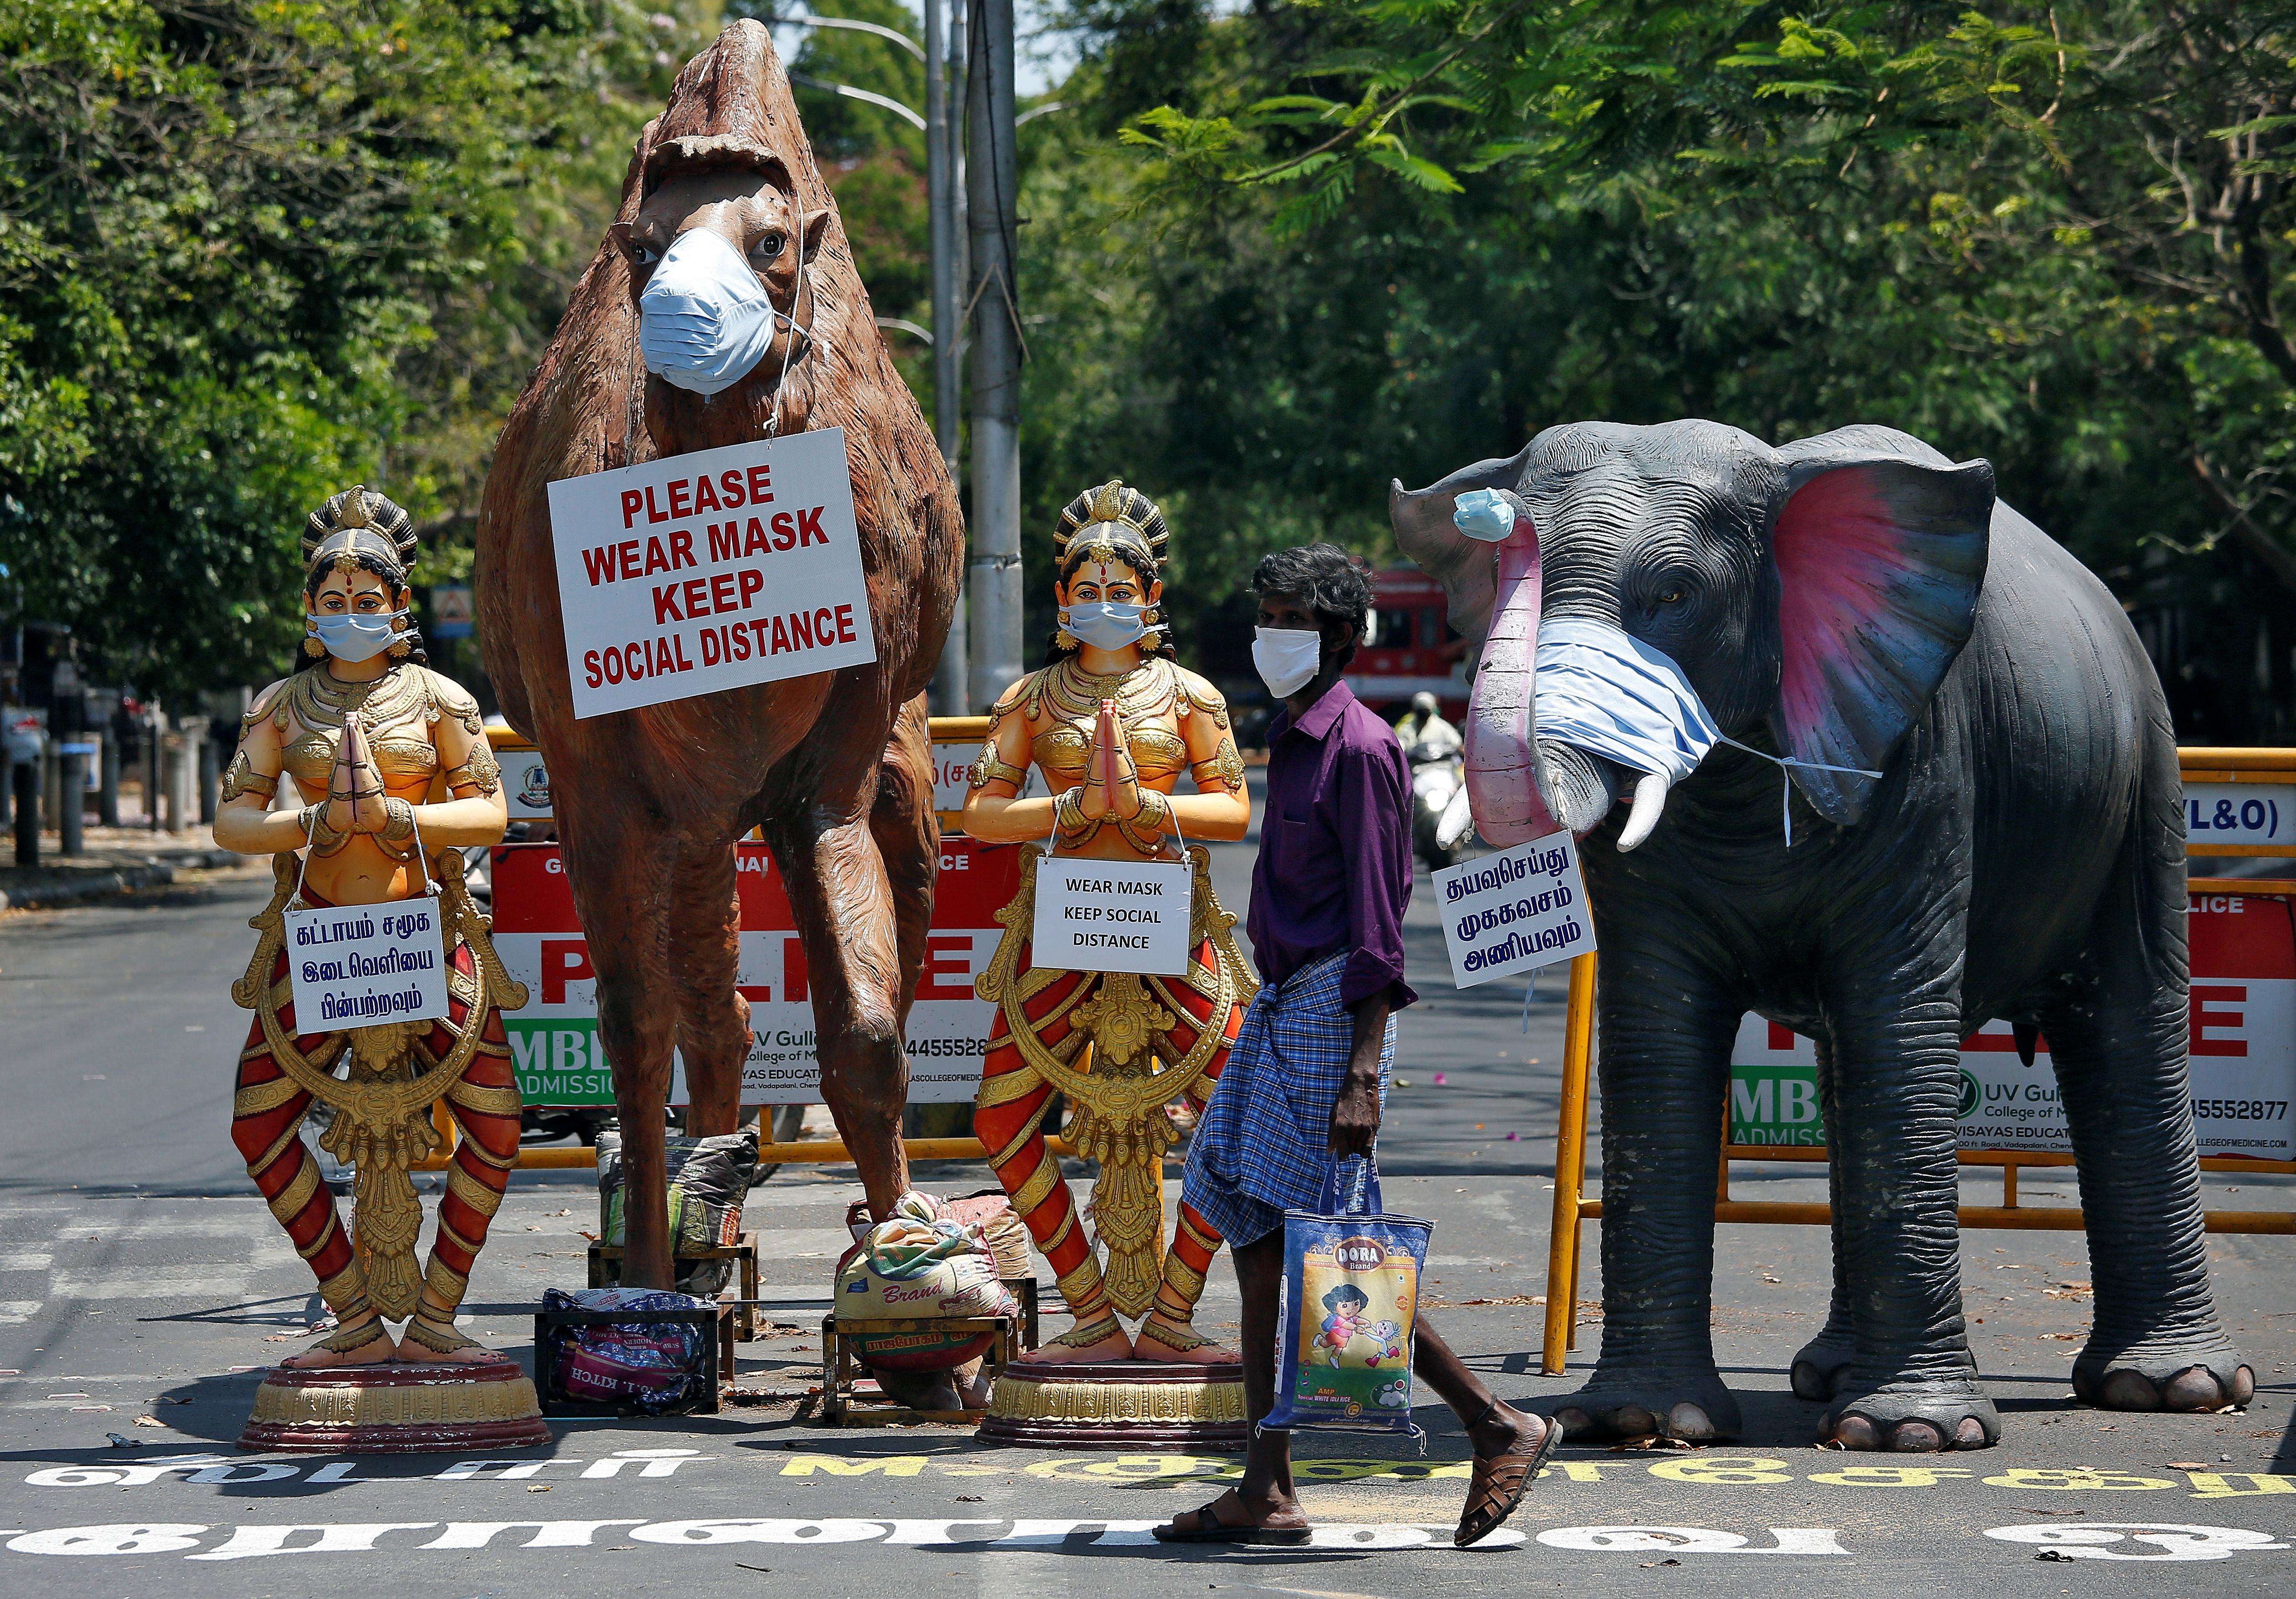 Un hombre con una máscara protectora pasa por delante de réplicas de animales y bailarines tradicionales instalados en un cruce de carretera, para crear conciencia sobre el uso de máscaras en Chennai, India, el 23 de abril de 2020. REUTERS/P. Ravikumar